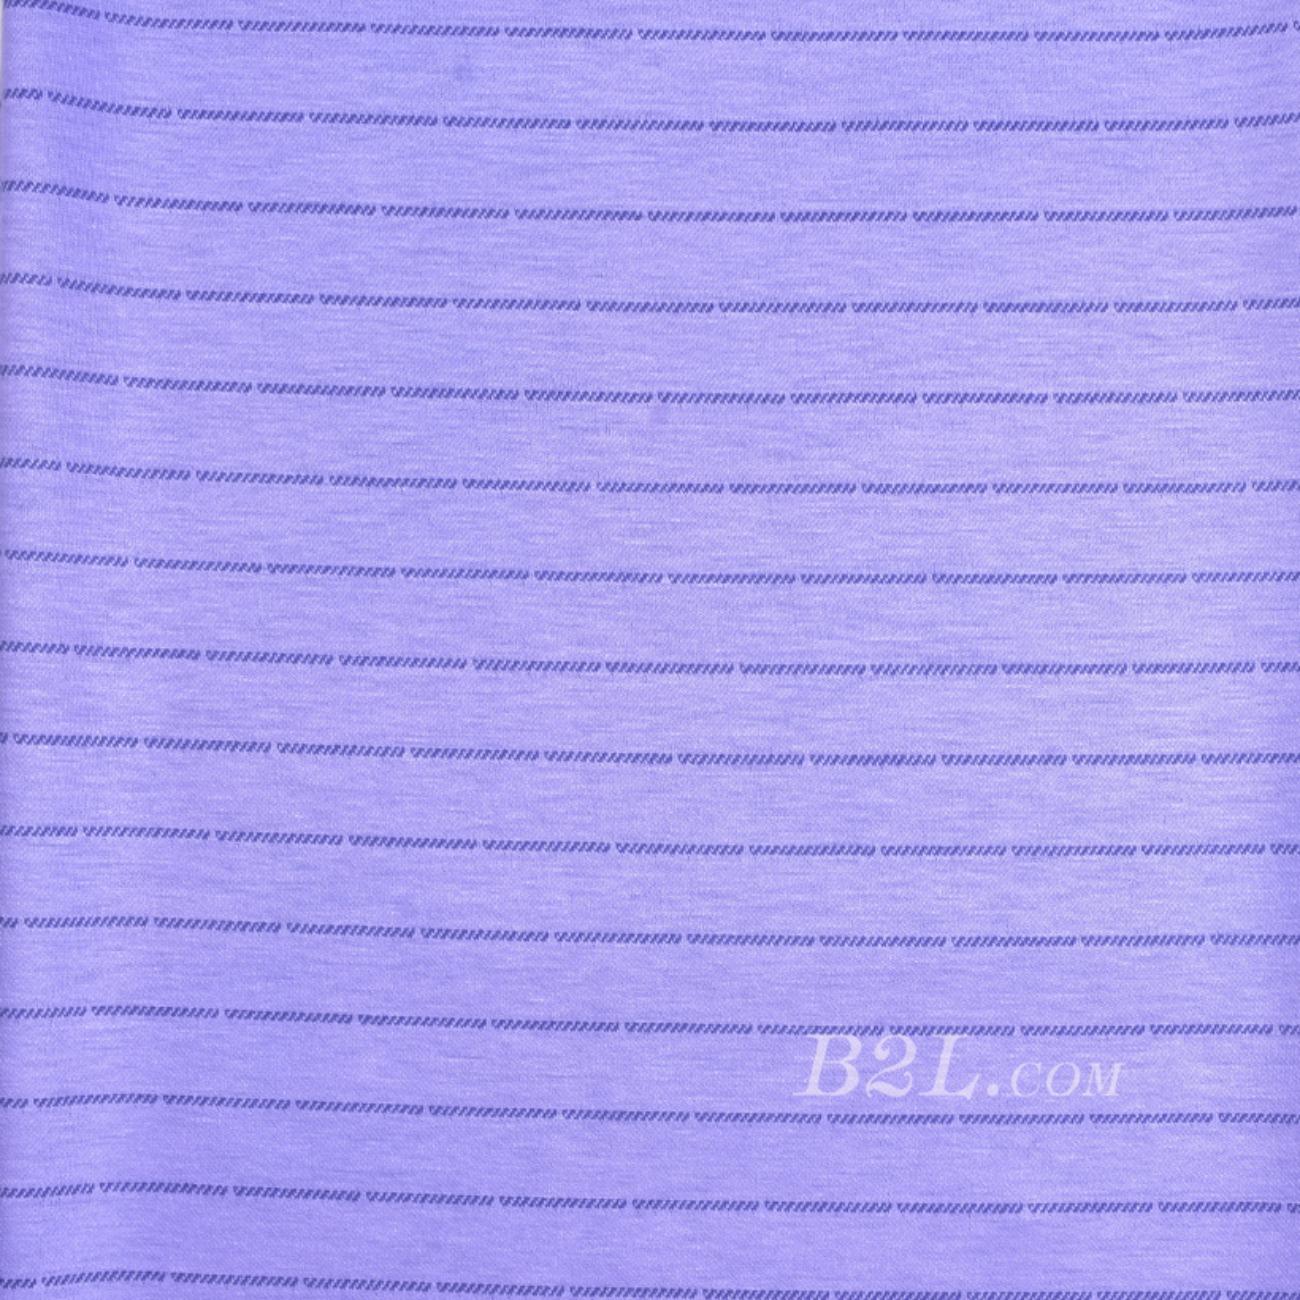 条纹 针织 染色 低弹 春秋 外套 连衣裙 时装 女装  90228-21